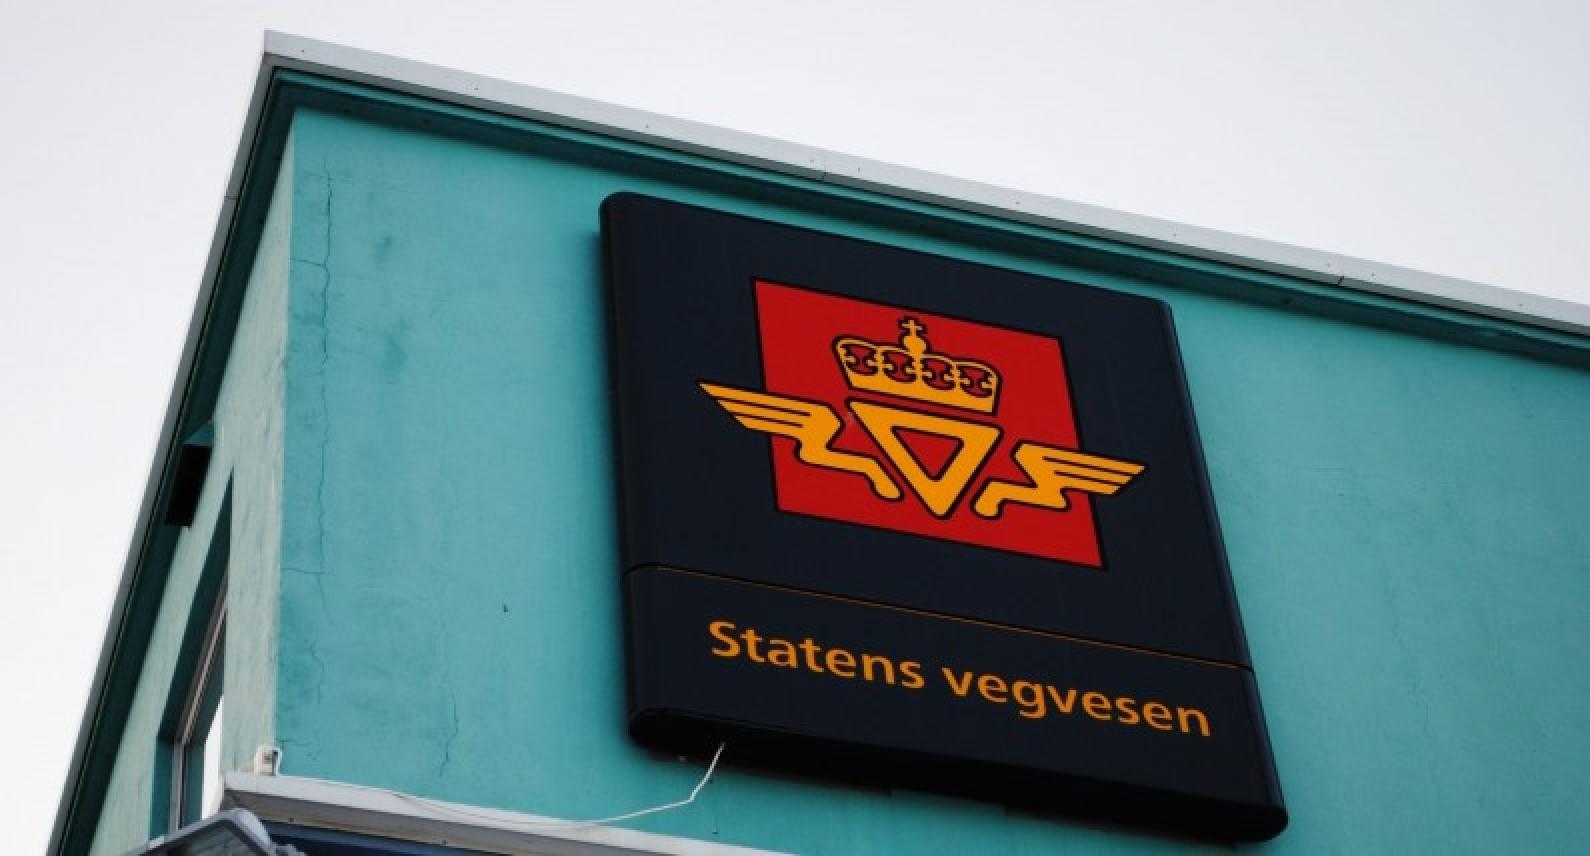 Statens vegvesen przedłuża termin EU-kontroll. Kierowcy zyskają dodatkowe dwa miesiące